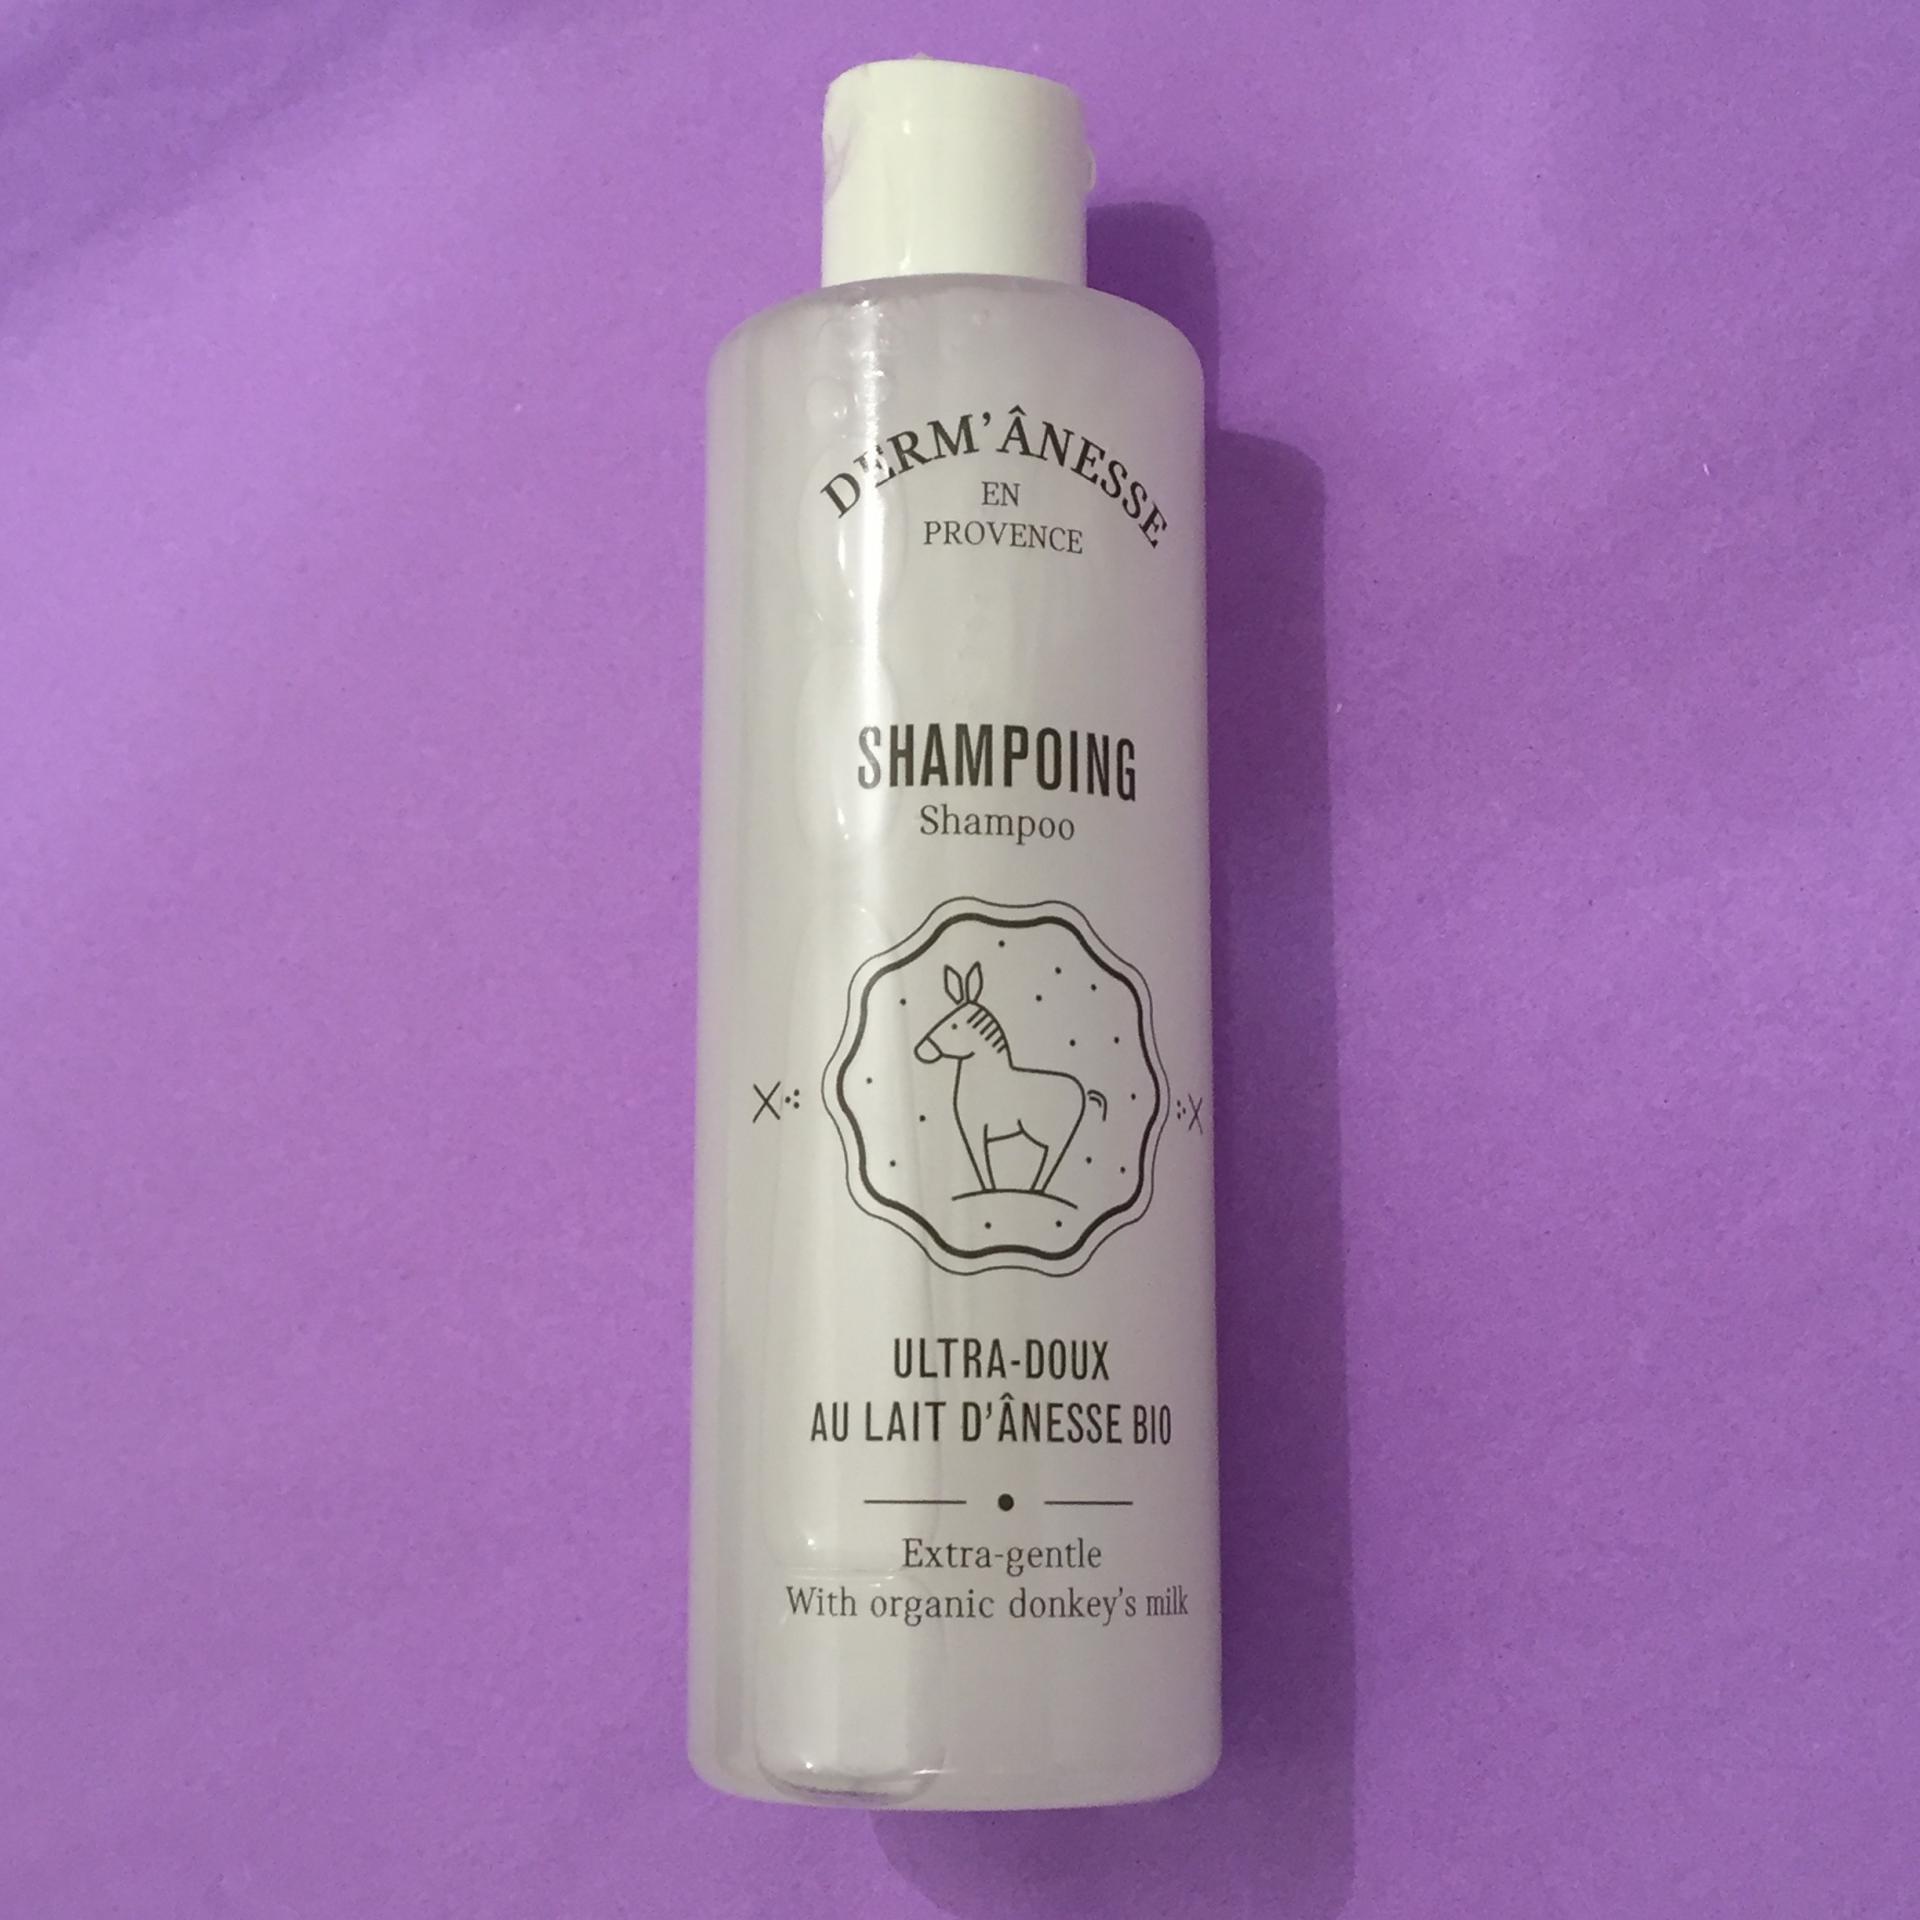 Shampooing au lait d anesse